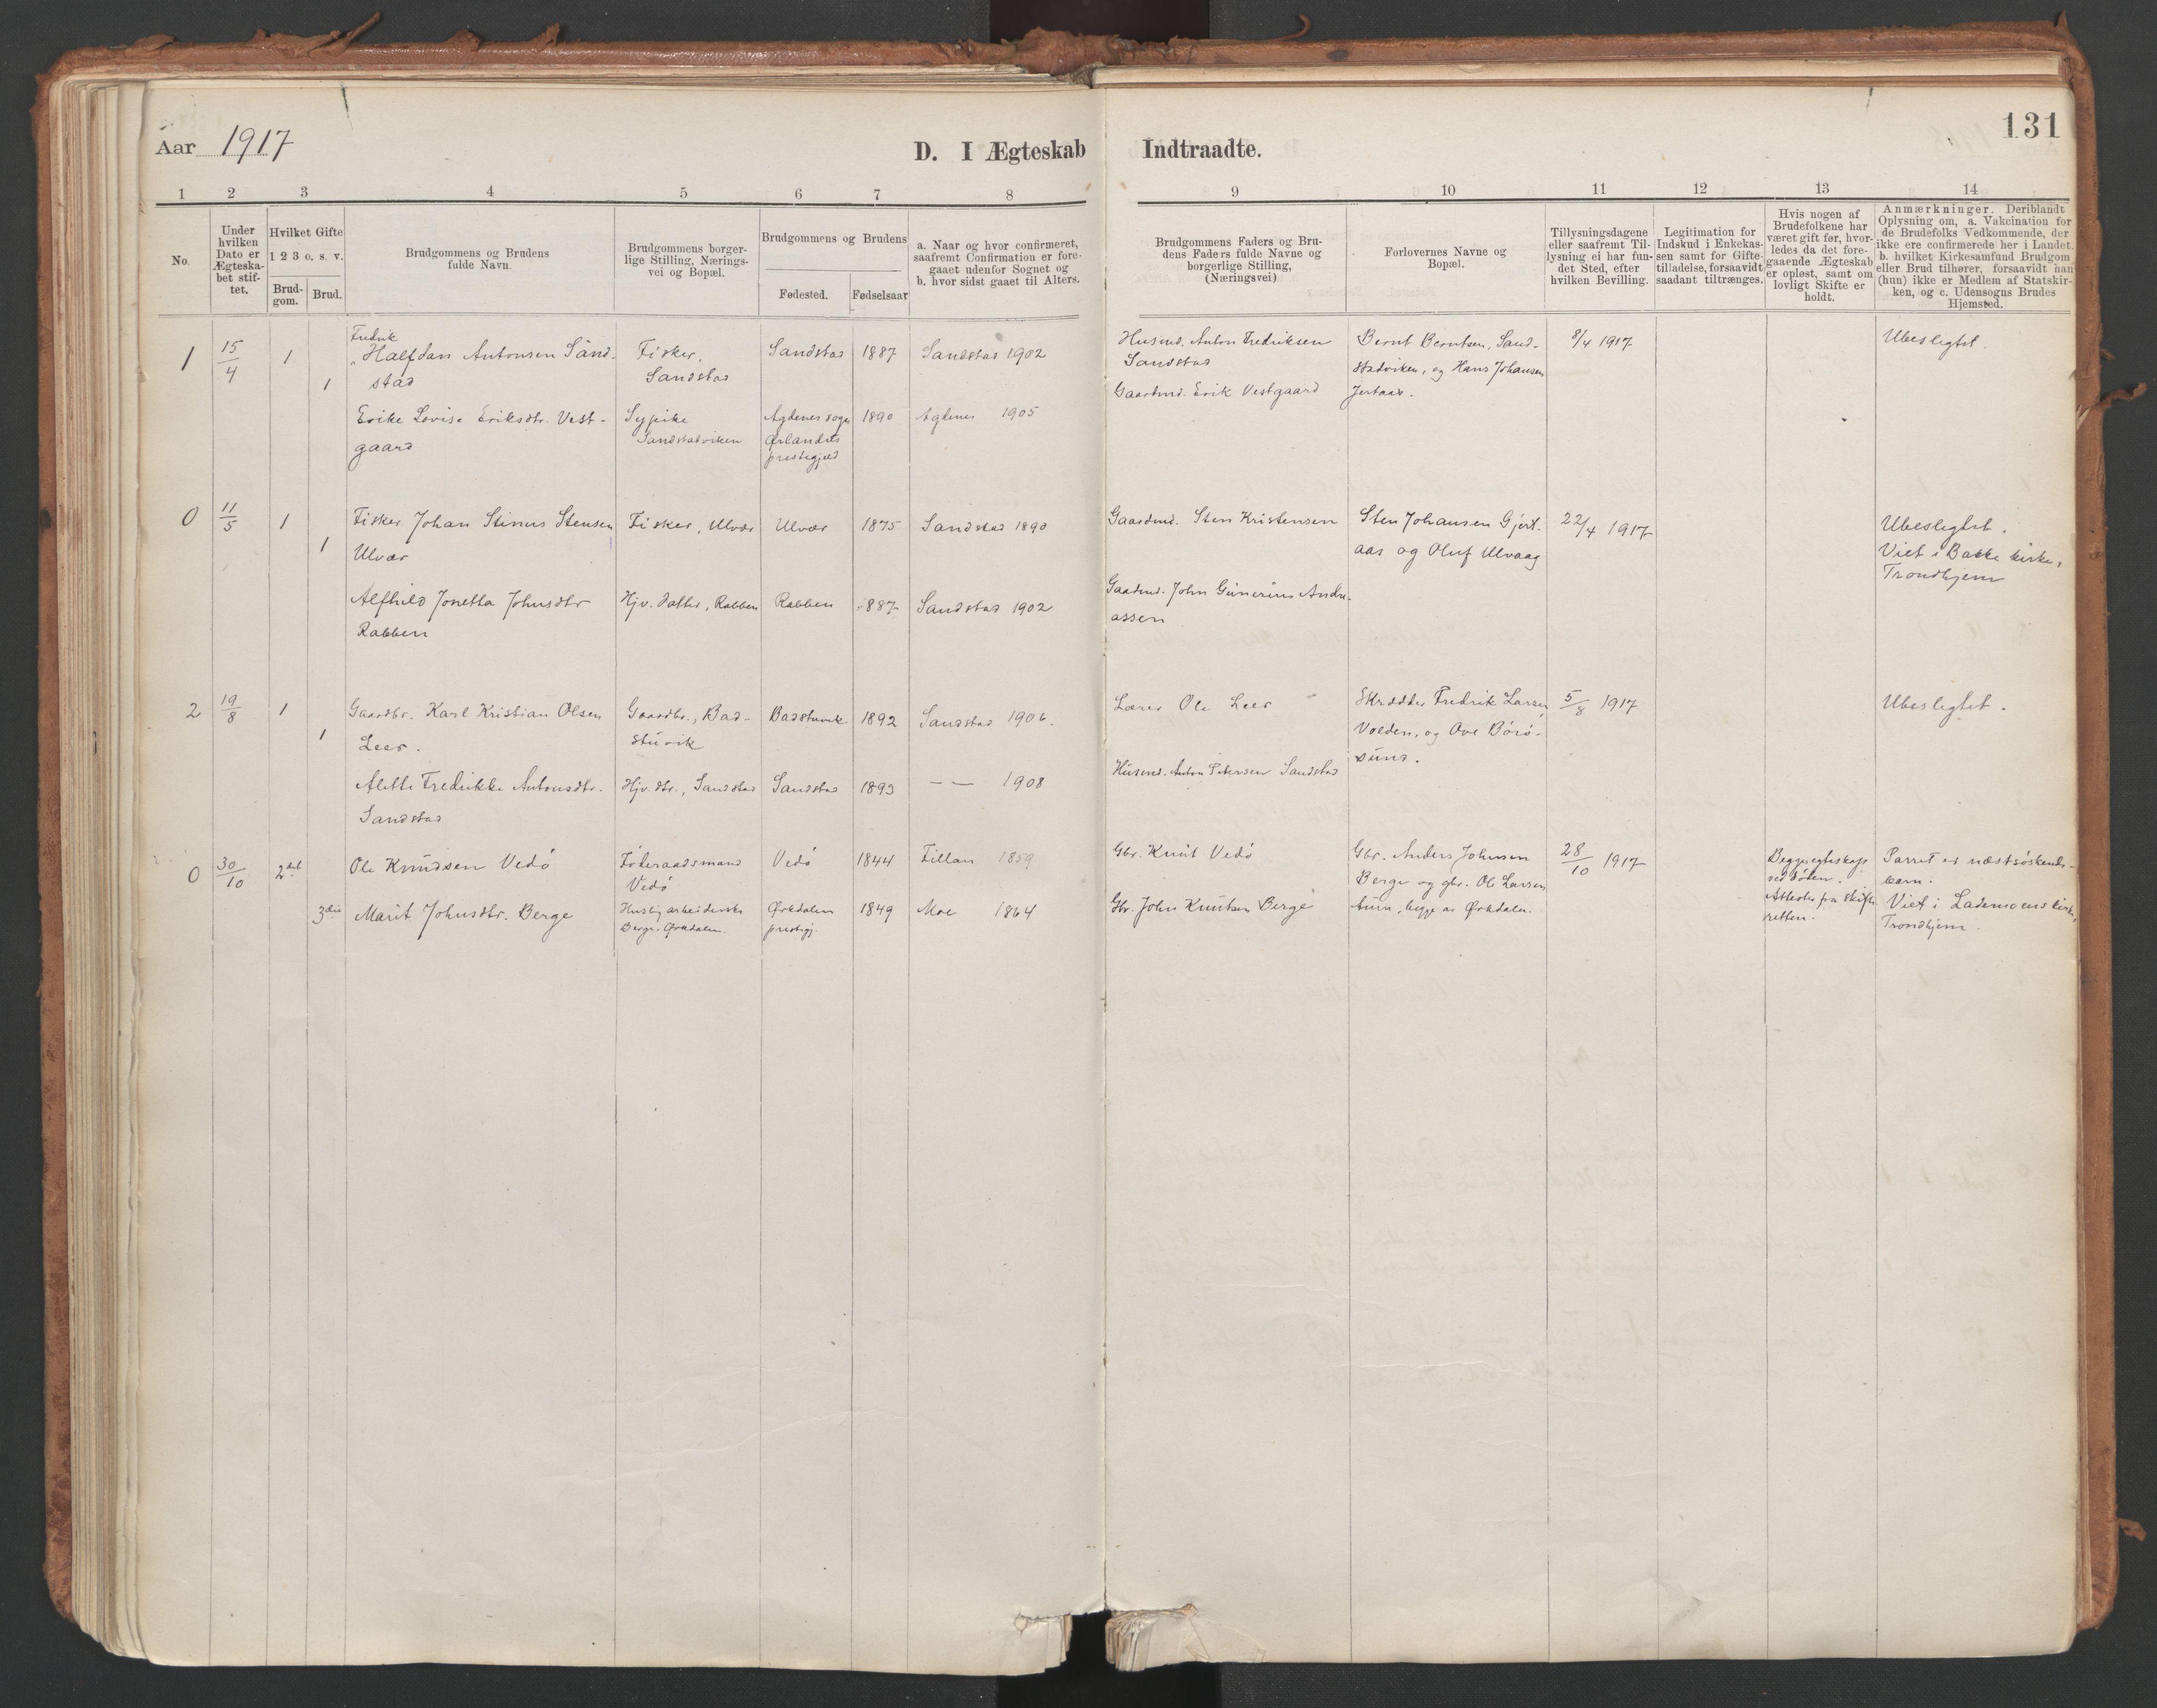 SAT, Ministerialprotokoller, klokkerbøker og fødselsregistre - Sør-Trøndelag, 639/L0572: Ministerialbok nr. 639A01, 1890-1920, s. 131